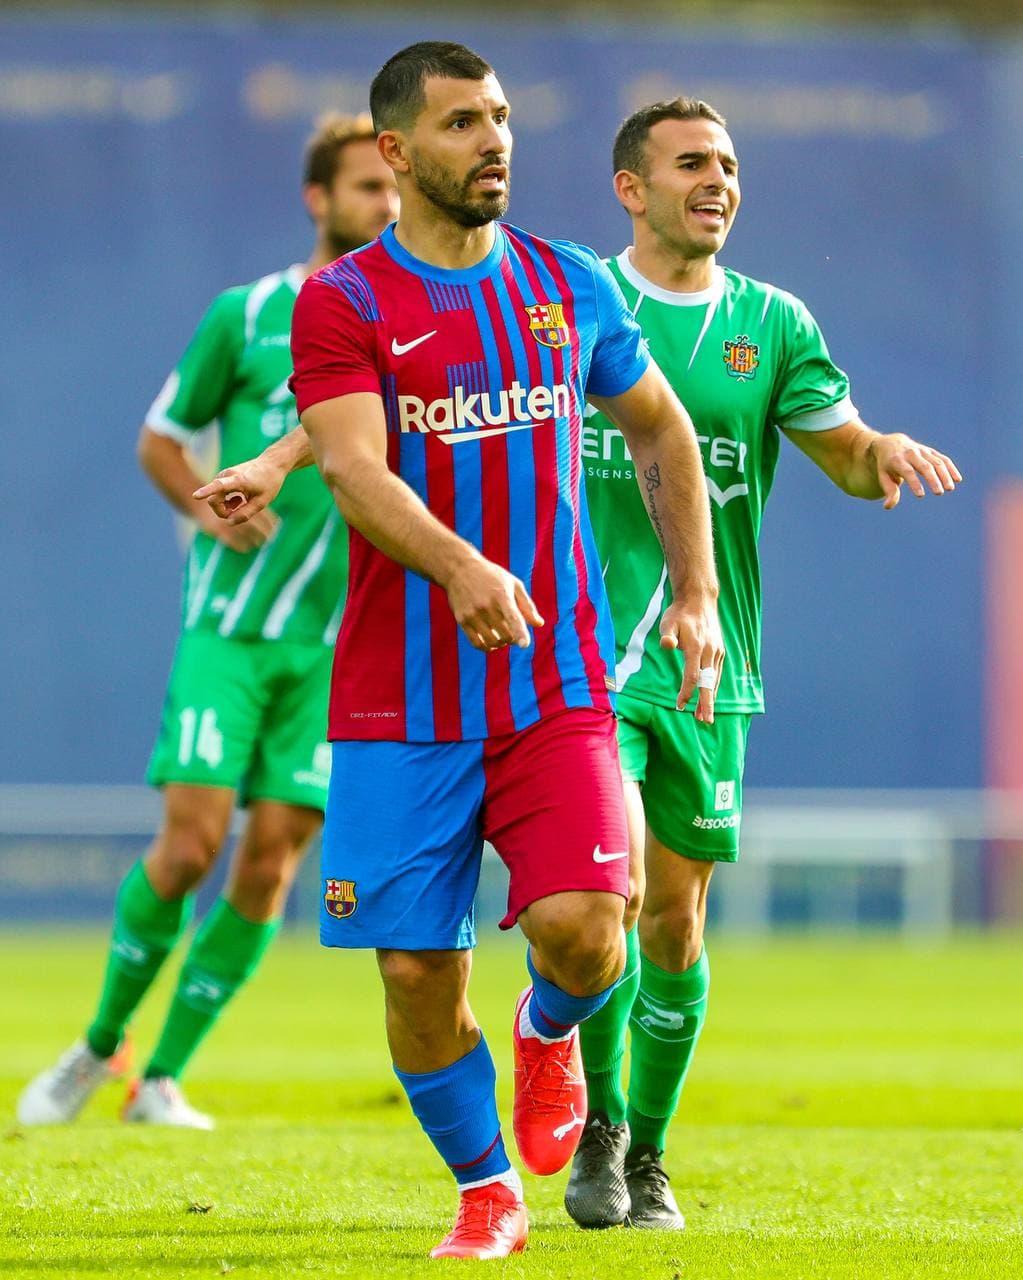 30 phút trong trận giao hữu với Cornella hôm 13/10 là lần đầu tiên Aguero chơi cho Barca. Ảnh: Twitter / FC Barcelona